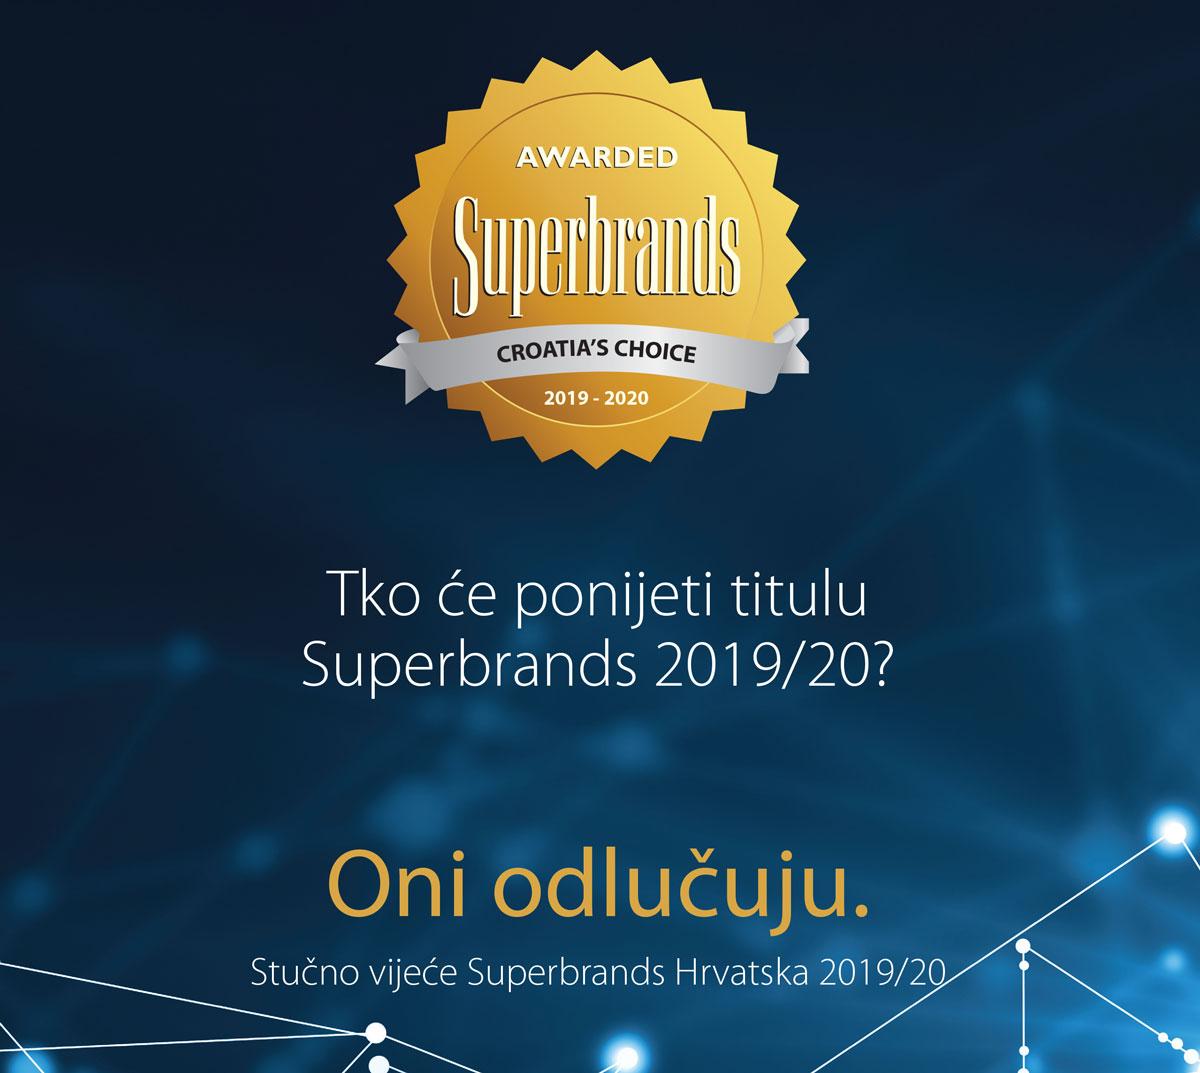 Superbrands stručno vijeće 2019./2020.